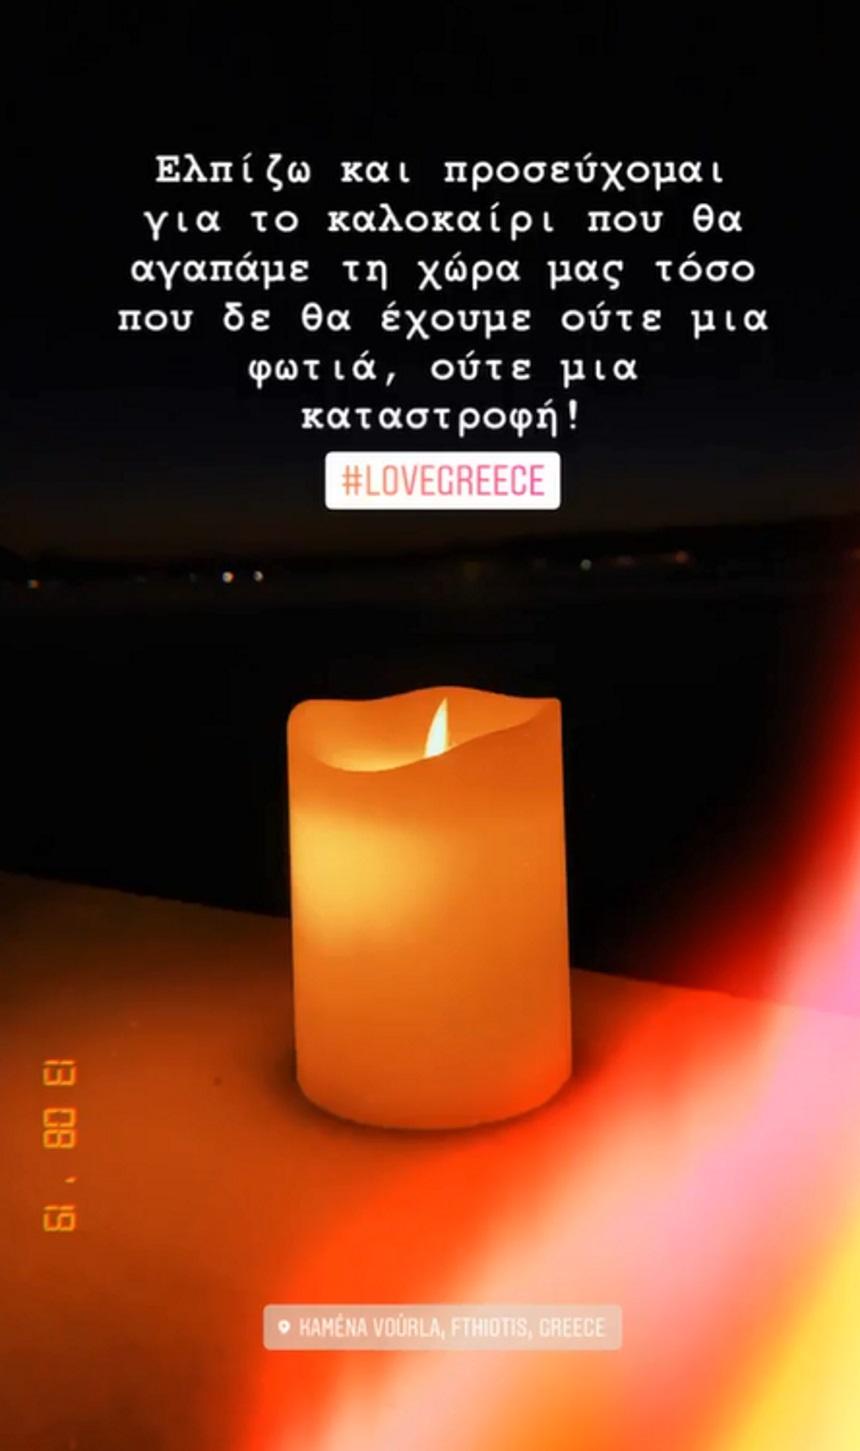 Χριστίνα Μπόμπα: Το ιδιαίτερο μήνυμά της για τις πυρκαγιές στη χώρα μας [pic]